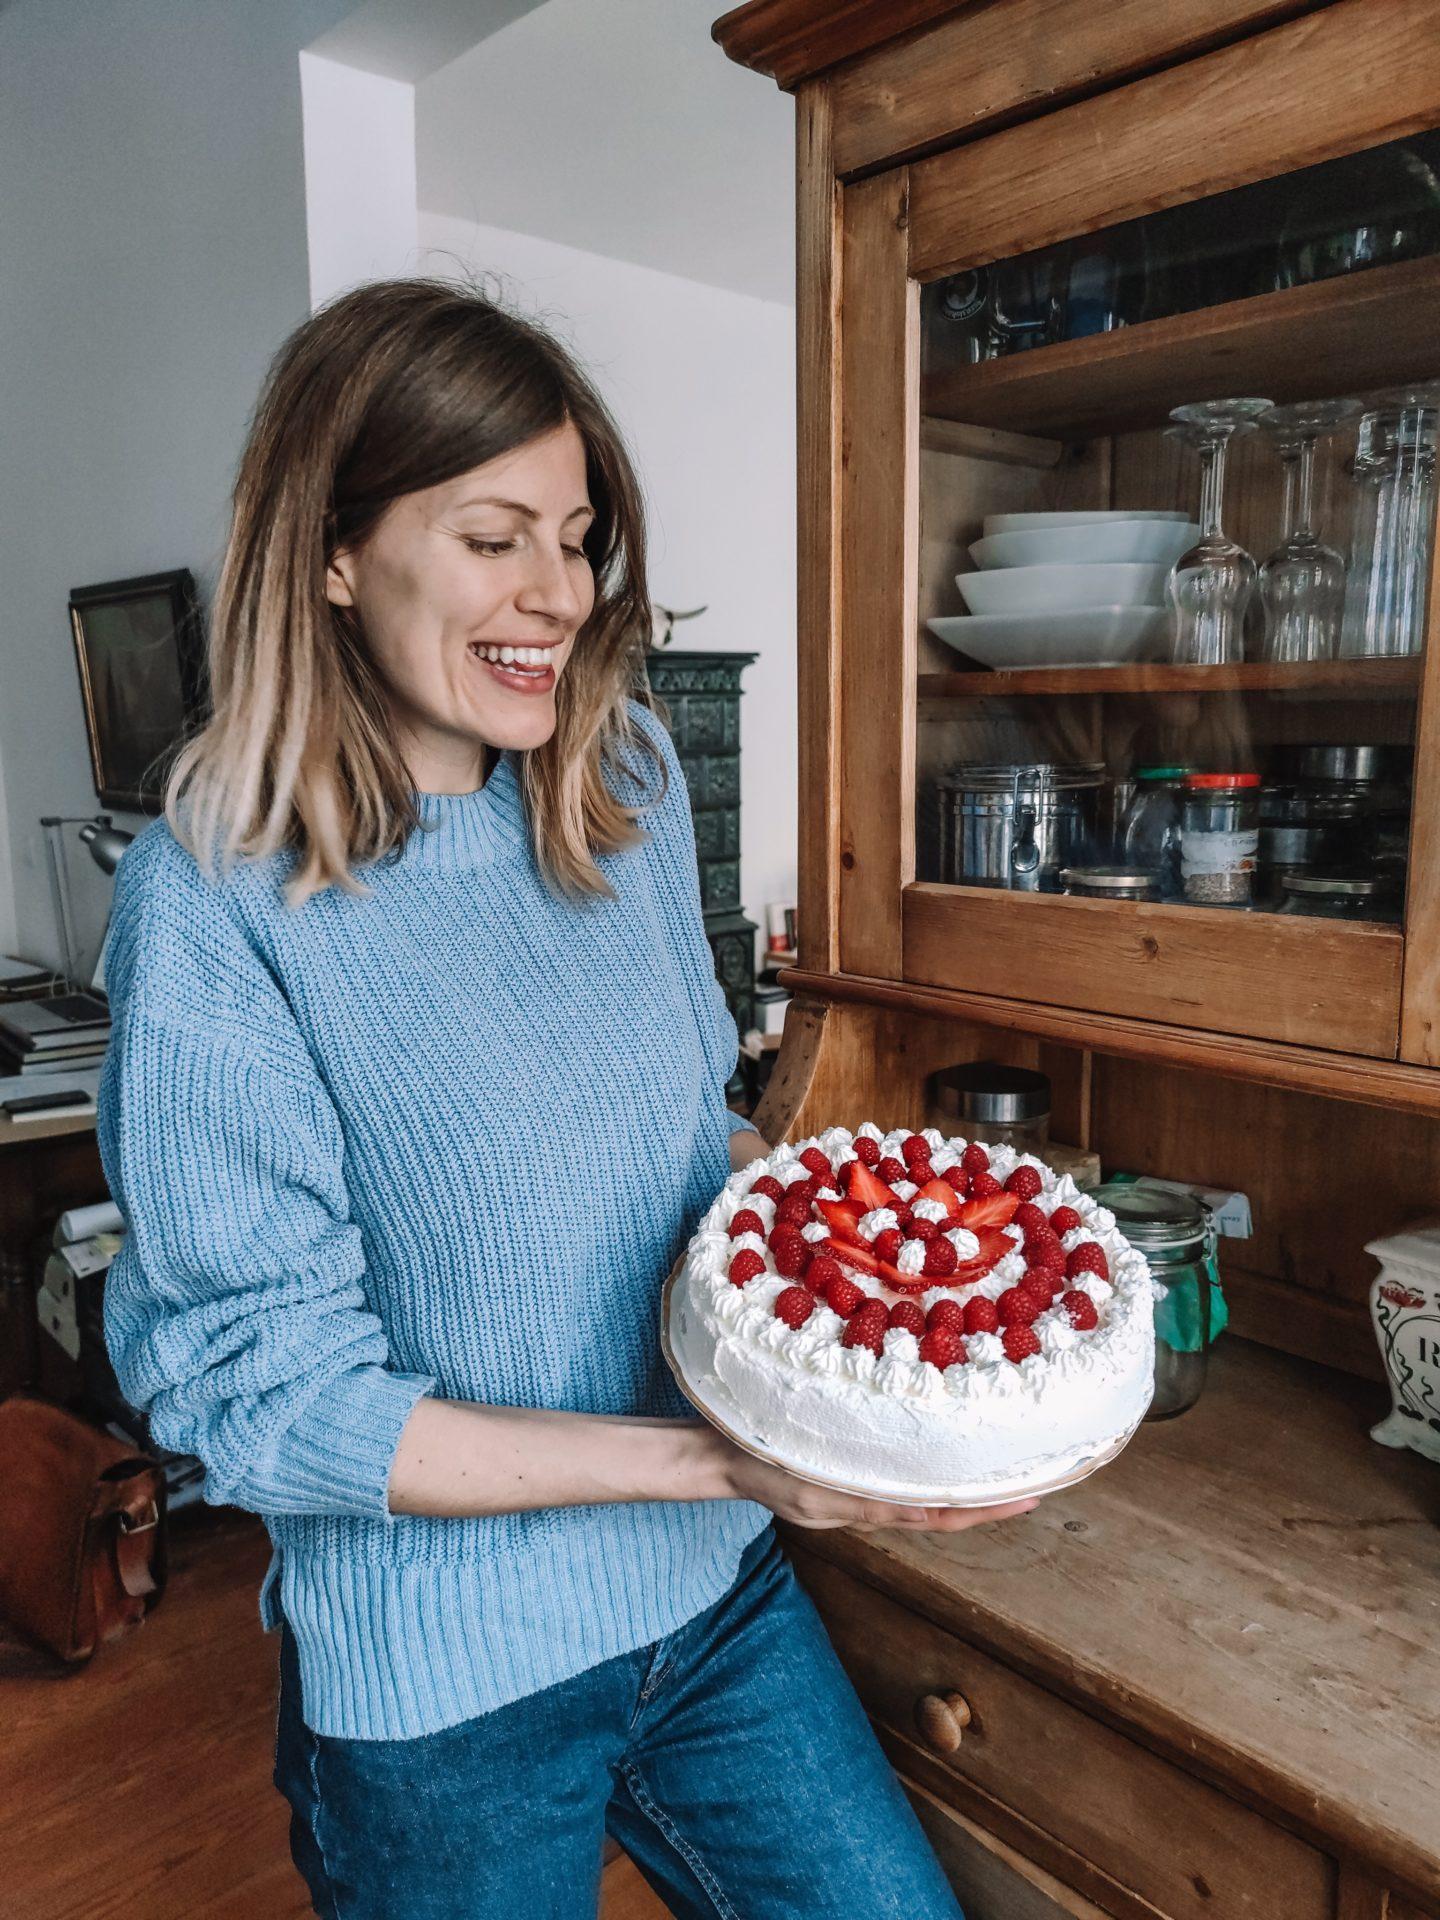 gateau anniversaire de savoie fruits rouges crème fraiche confiné recette sans gluten